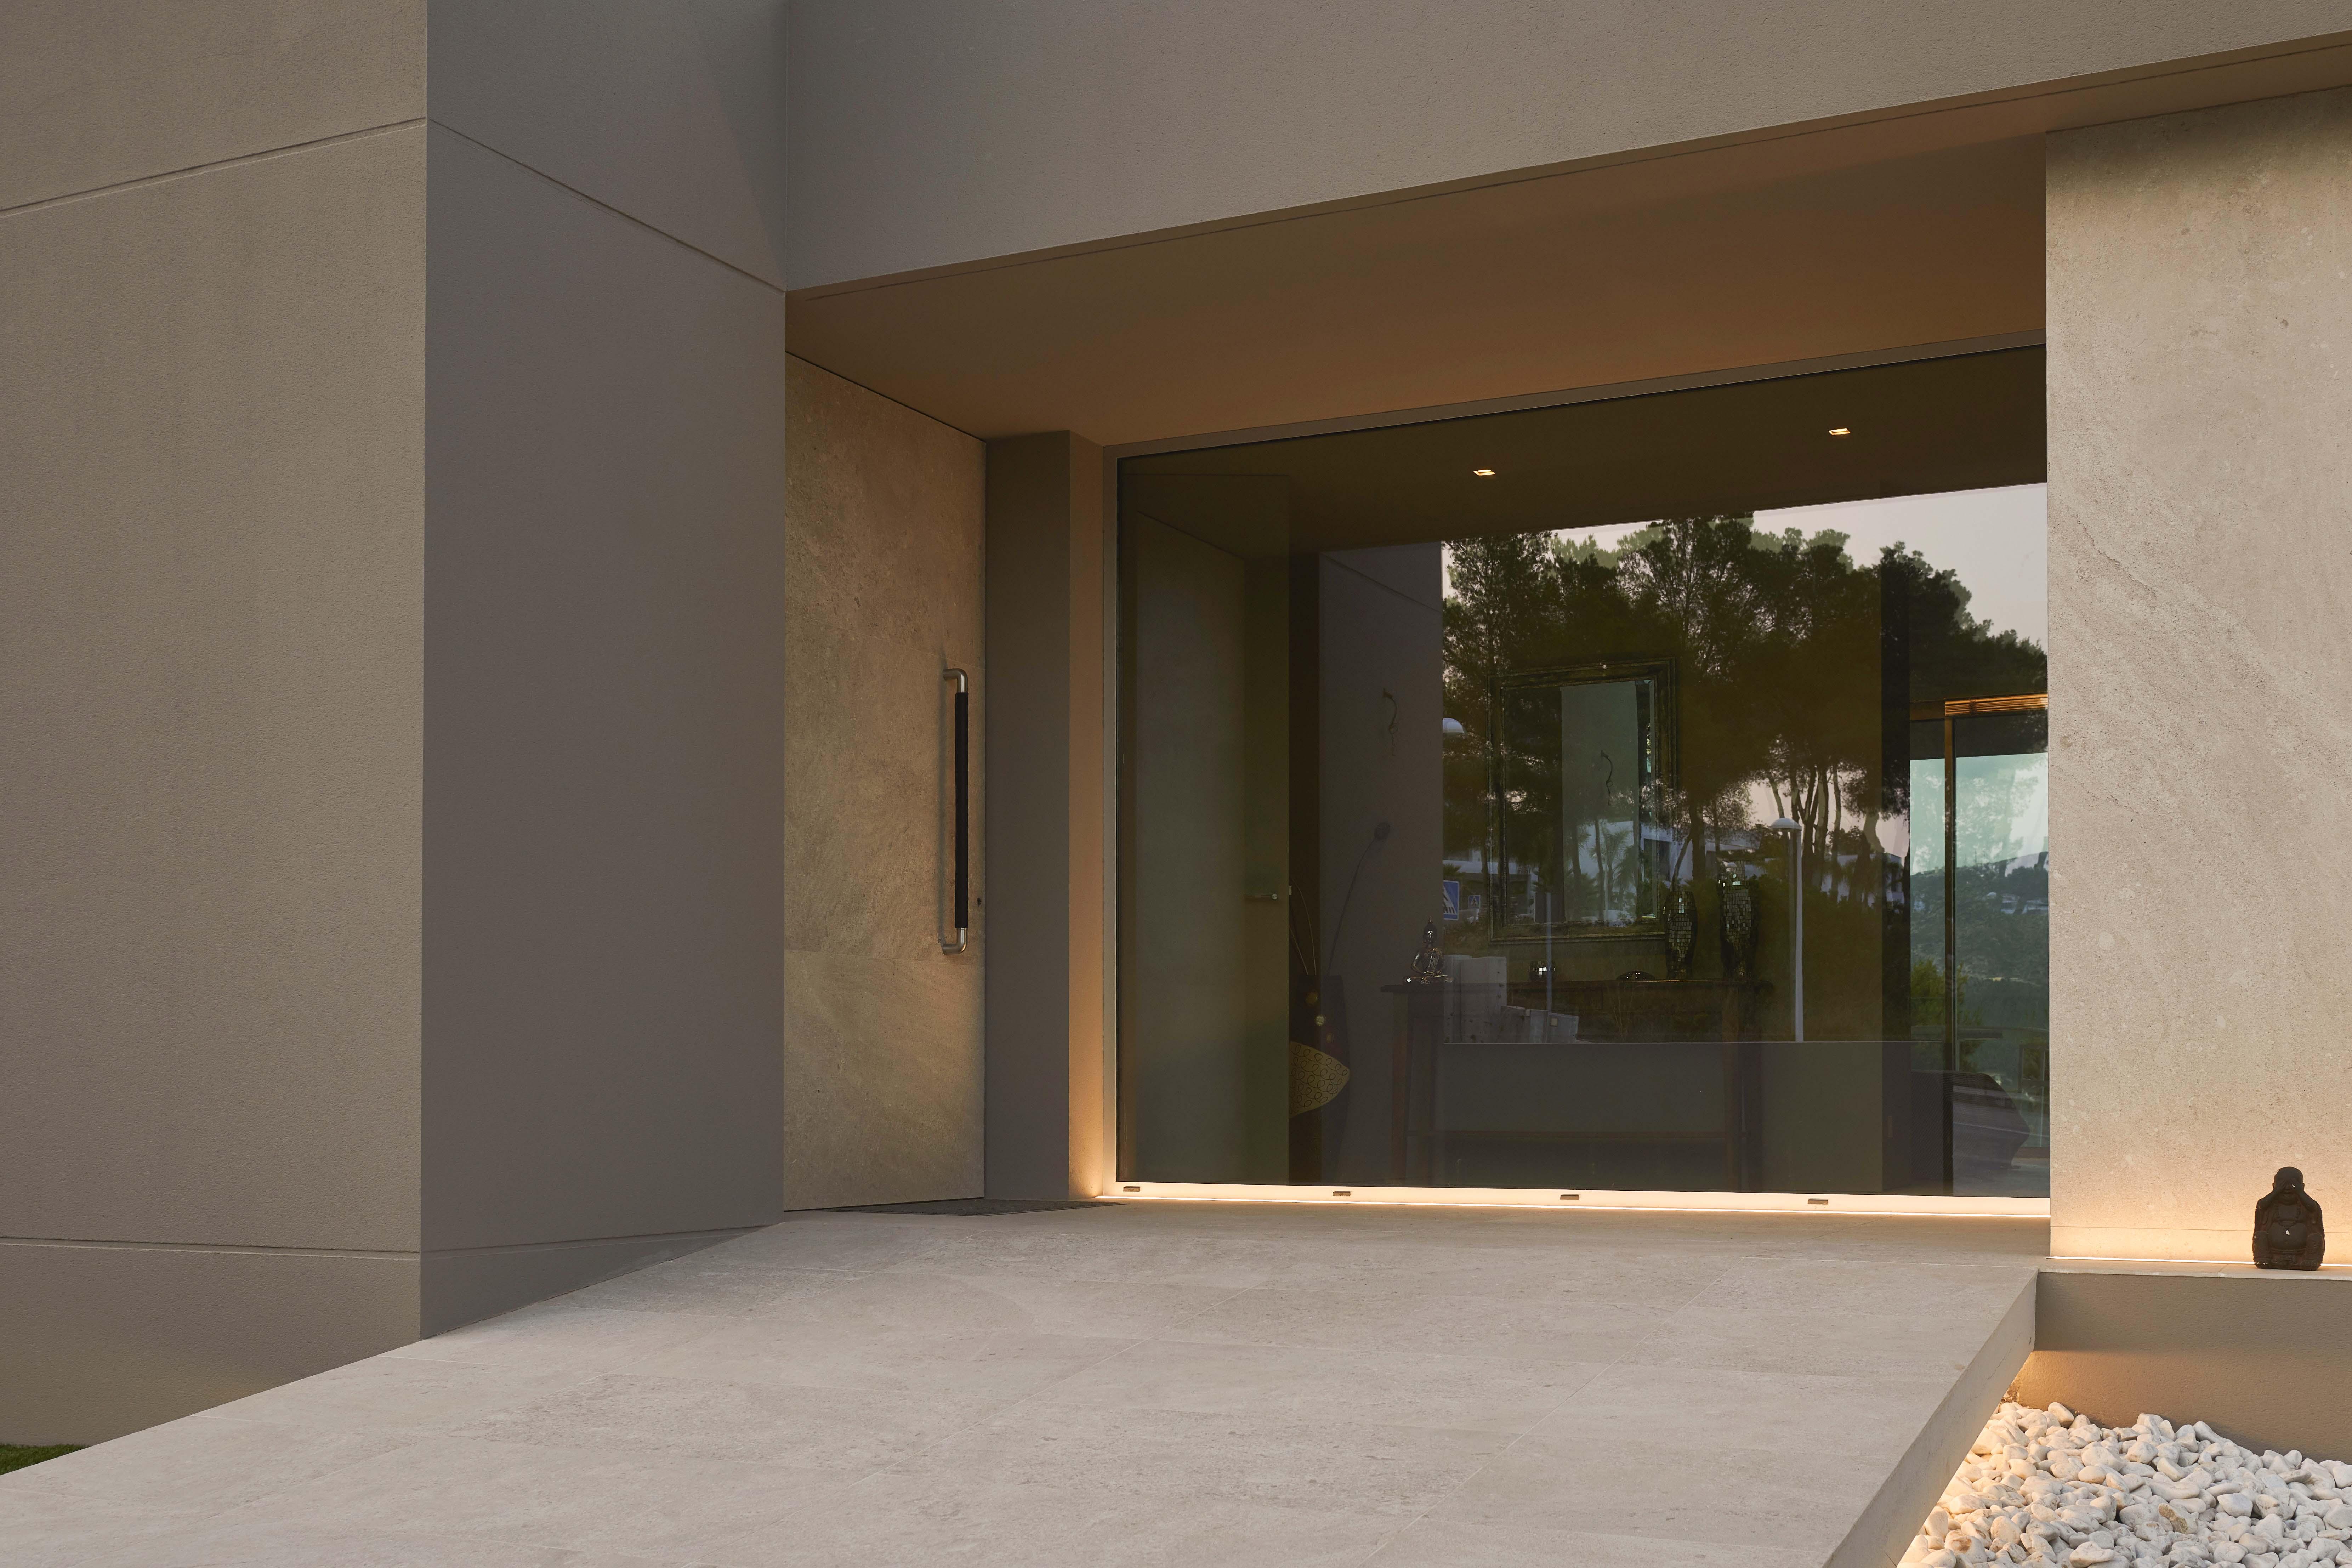 Inalco-maarquitectura-Villa-Caliza_7